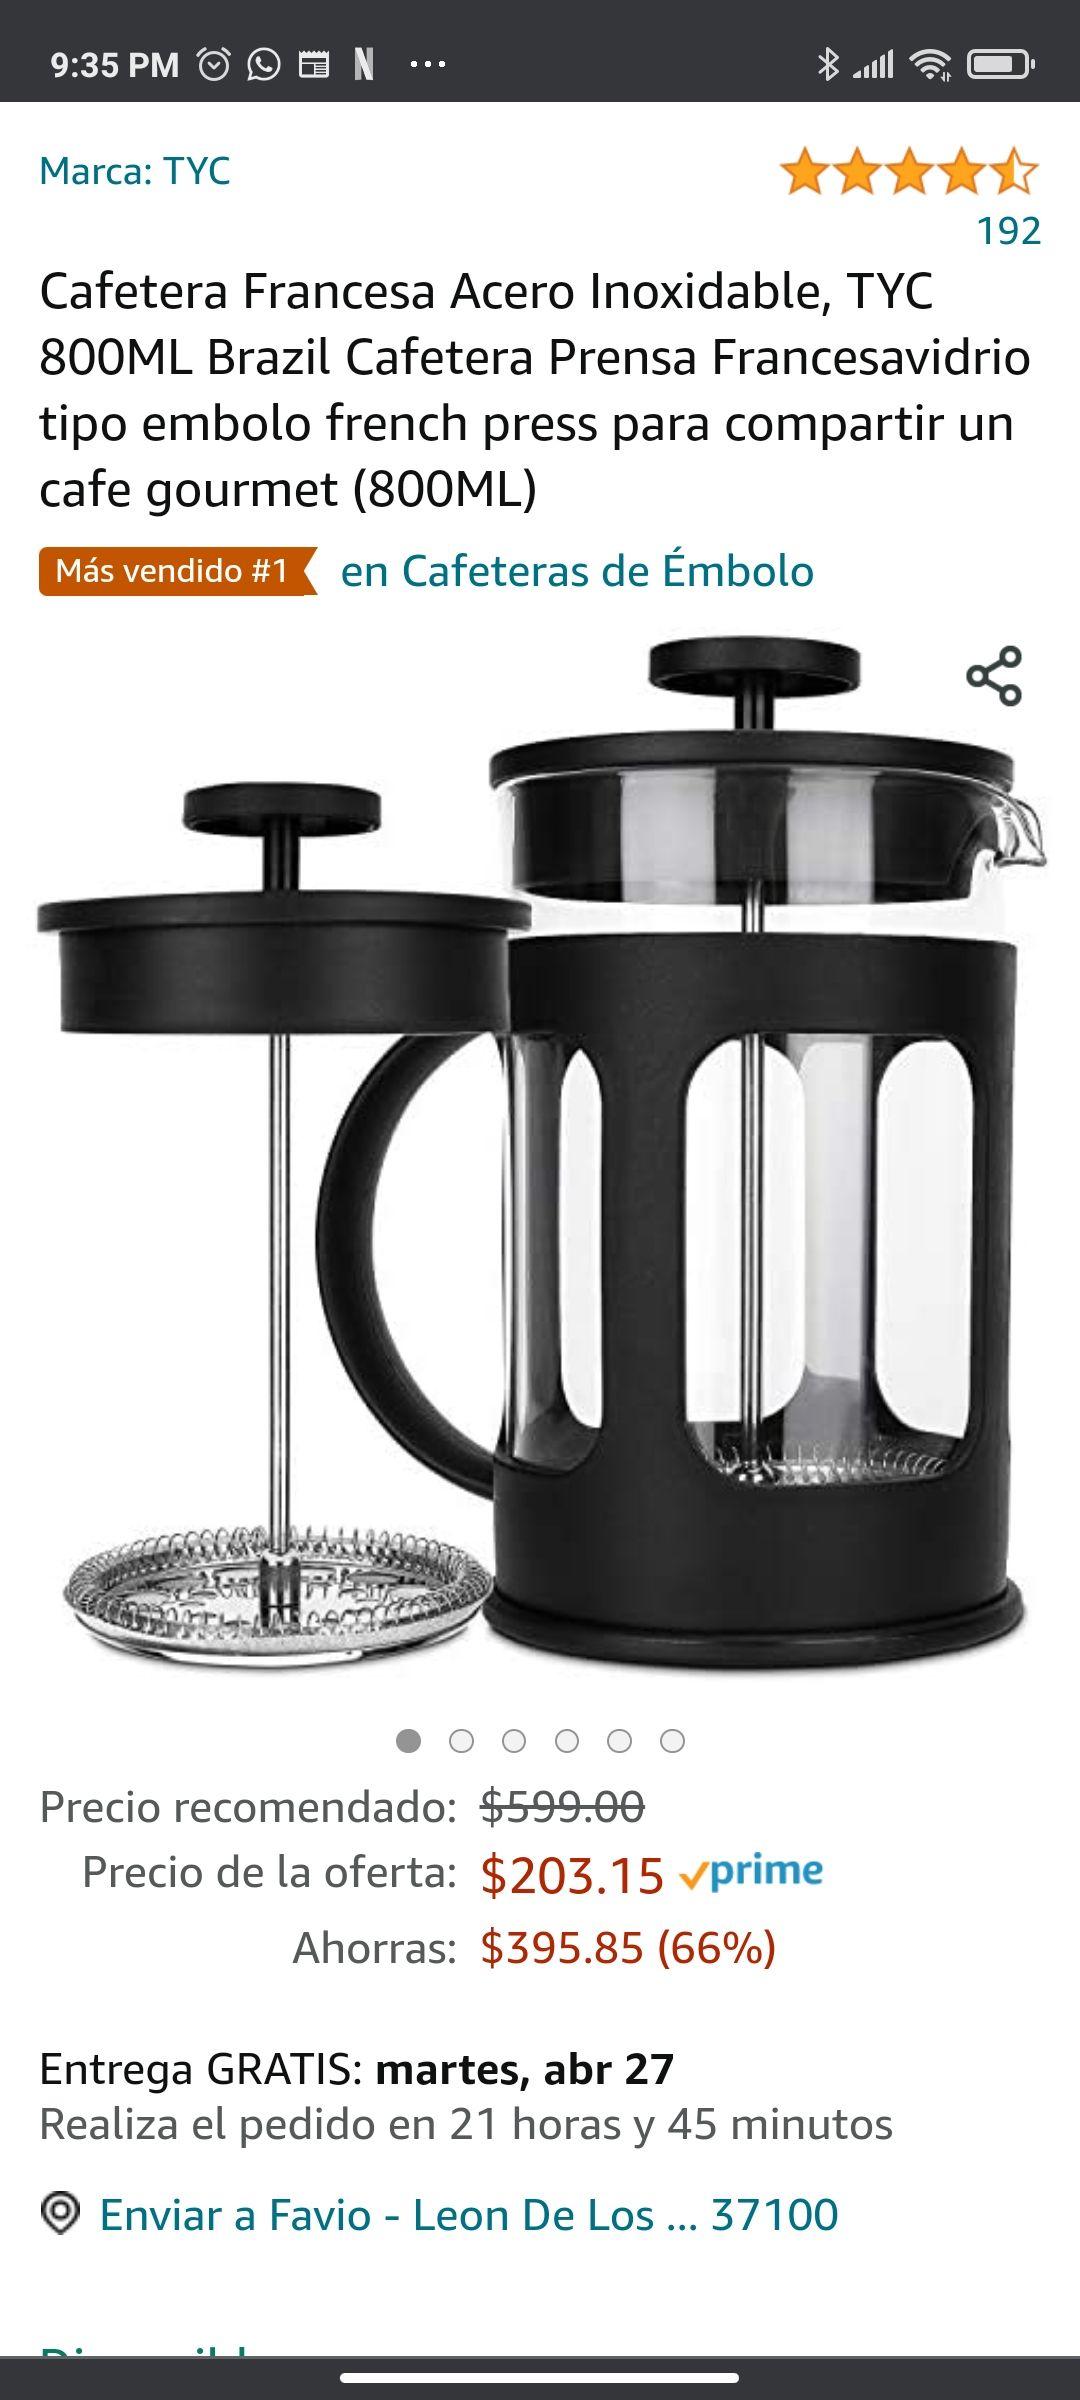 Amazon: Cafeteras Pensas francesas de 1 litro y 800 ML de menos de 210 pesos, para que tus lunes inicien mejor